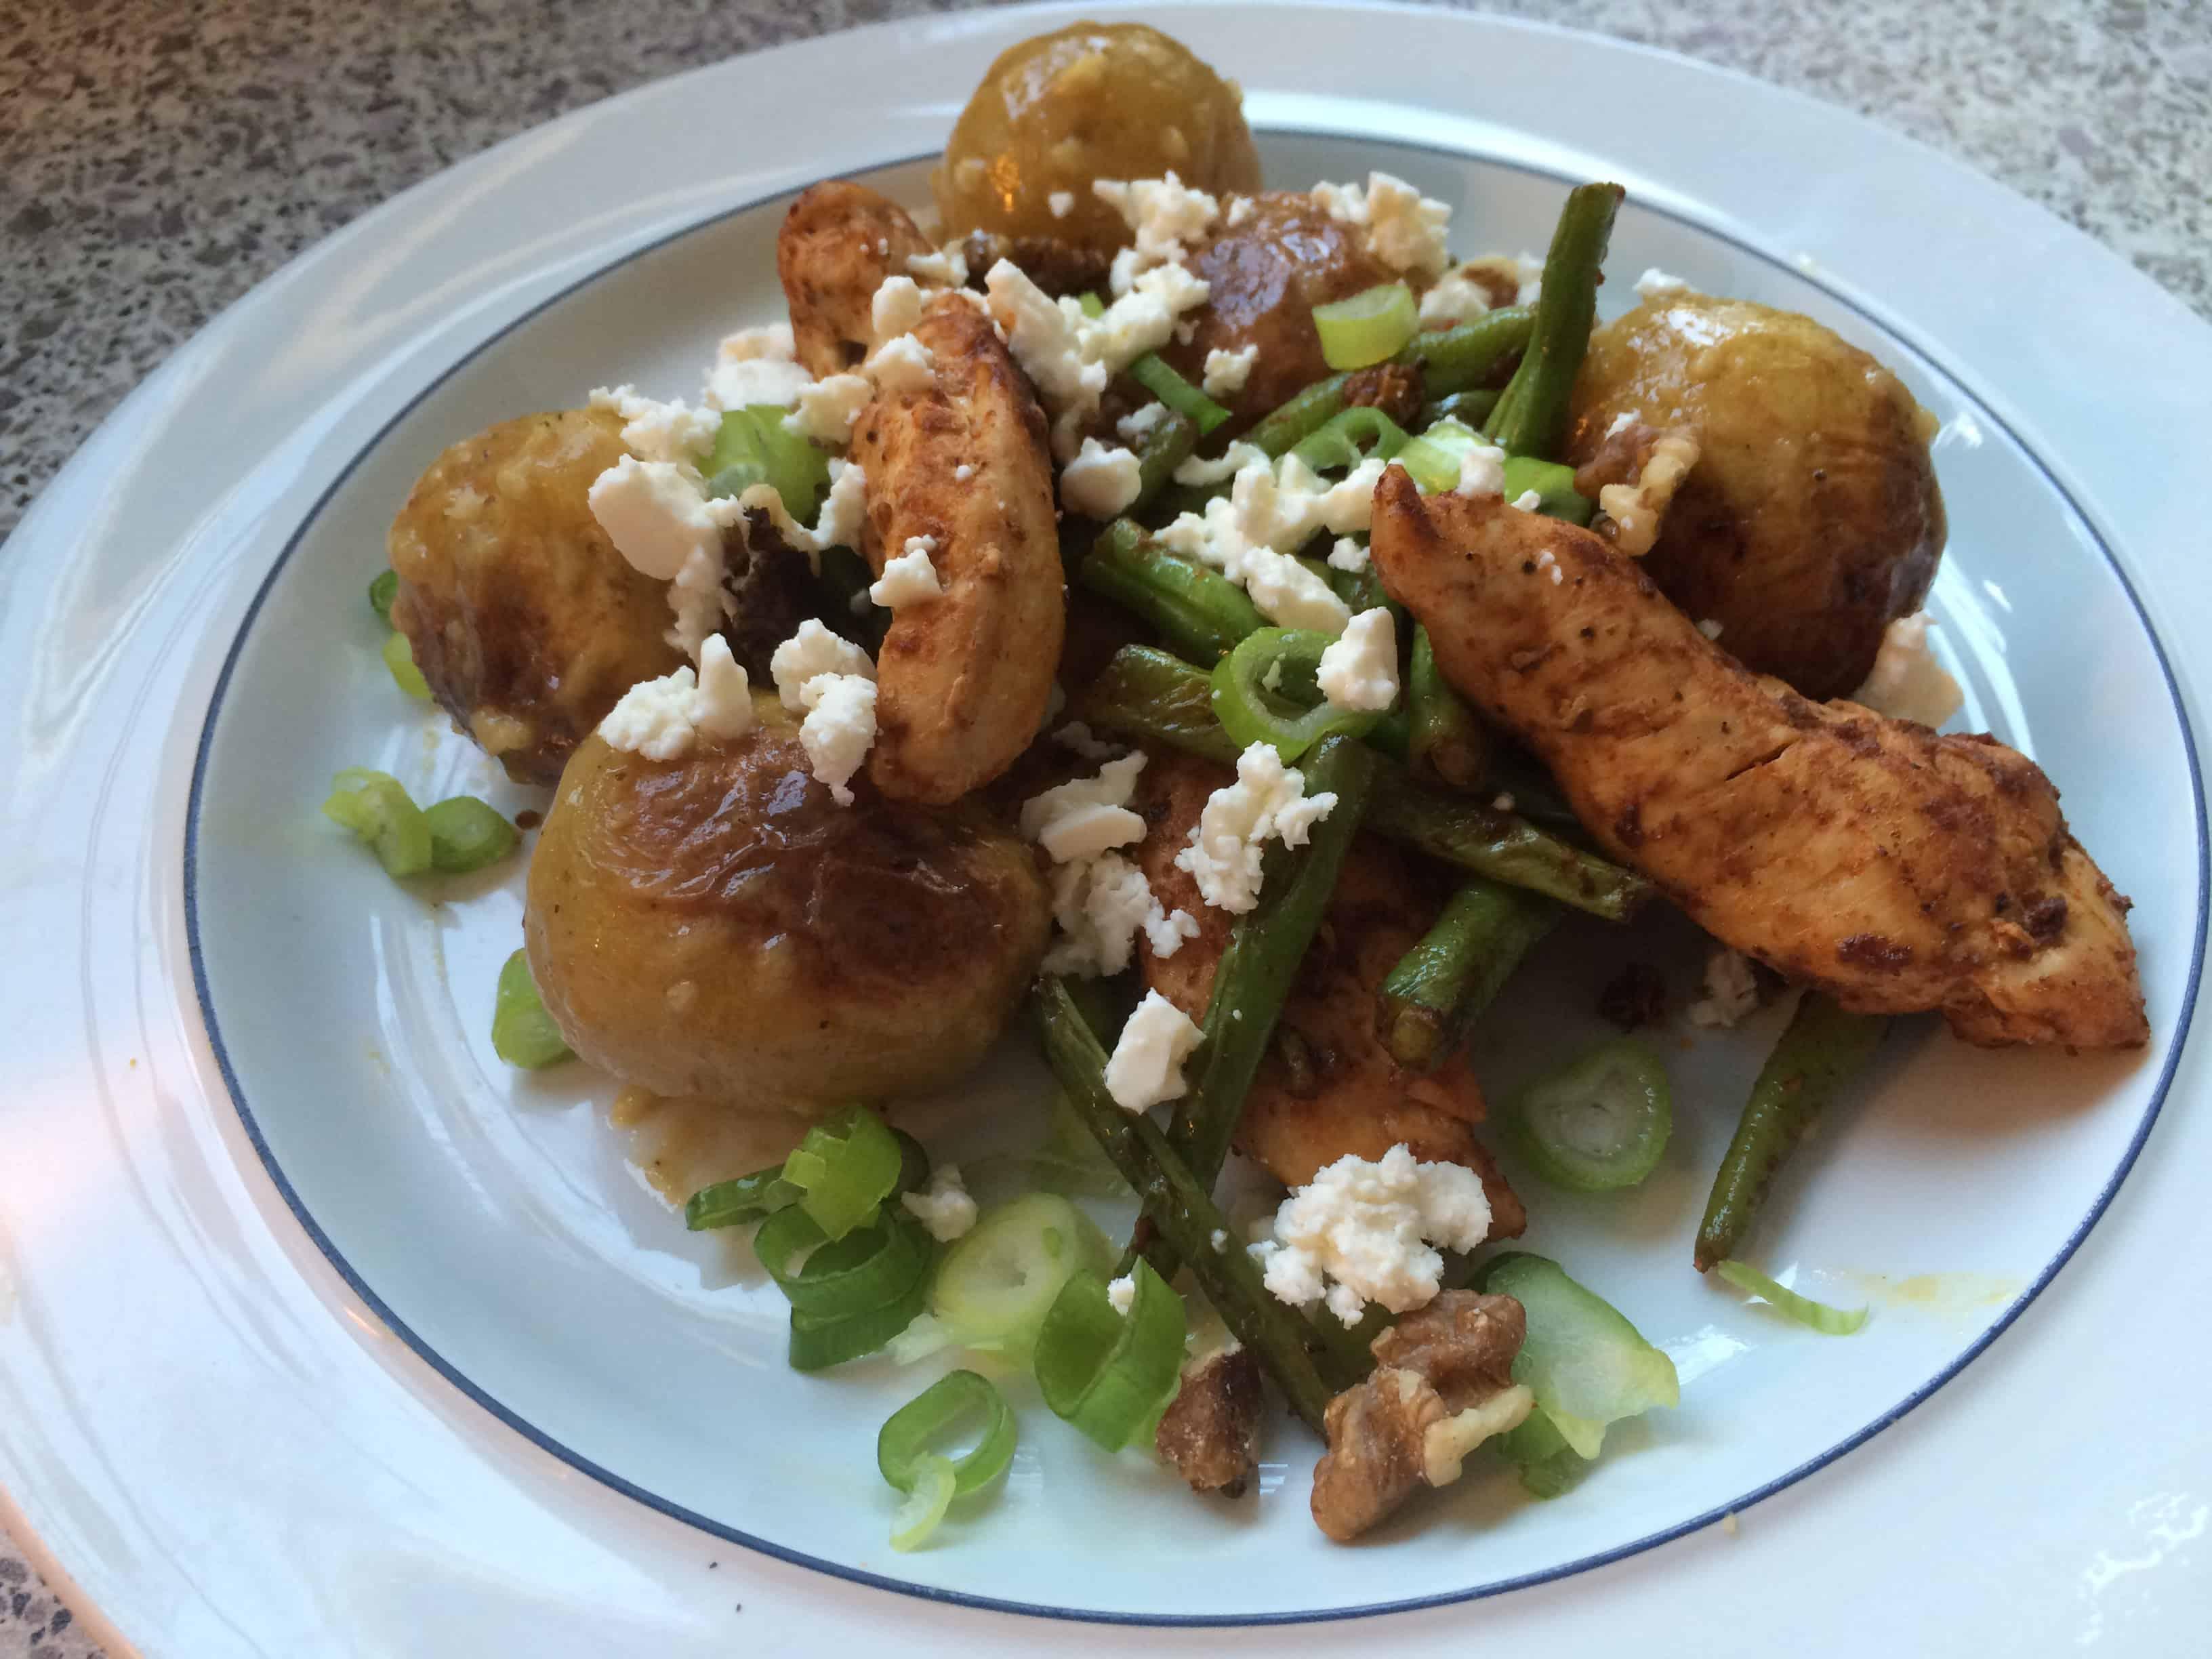 Kylling med bønner, knuste kartofler og sennepsvinaigrette